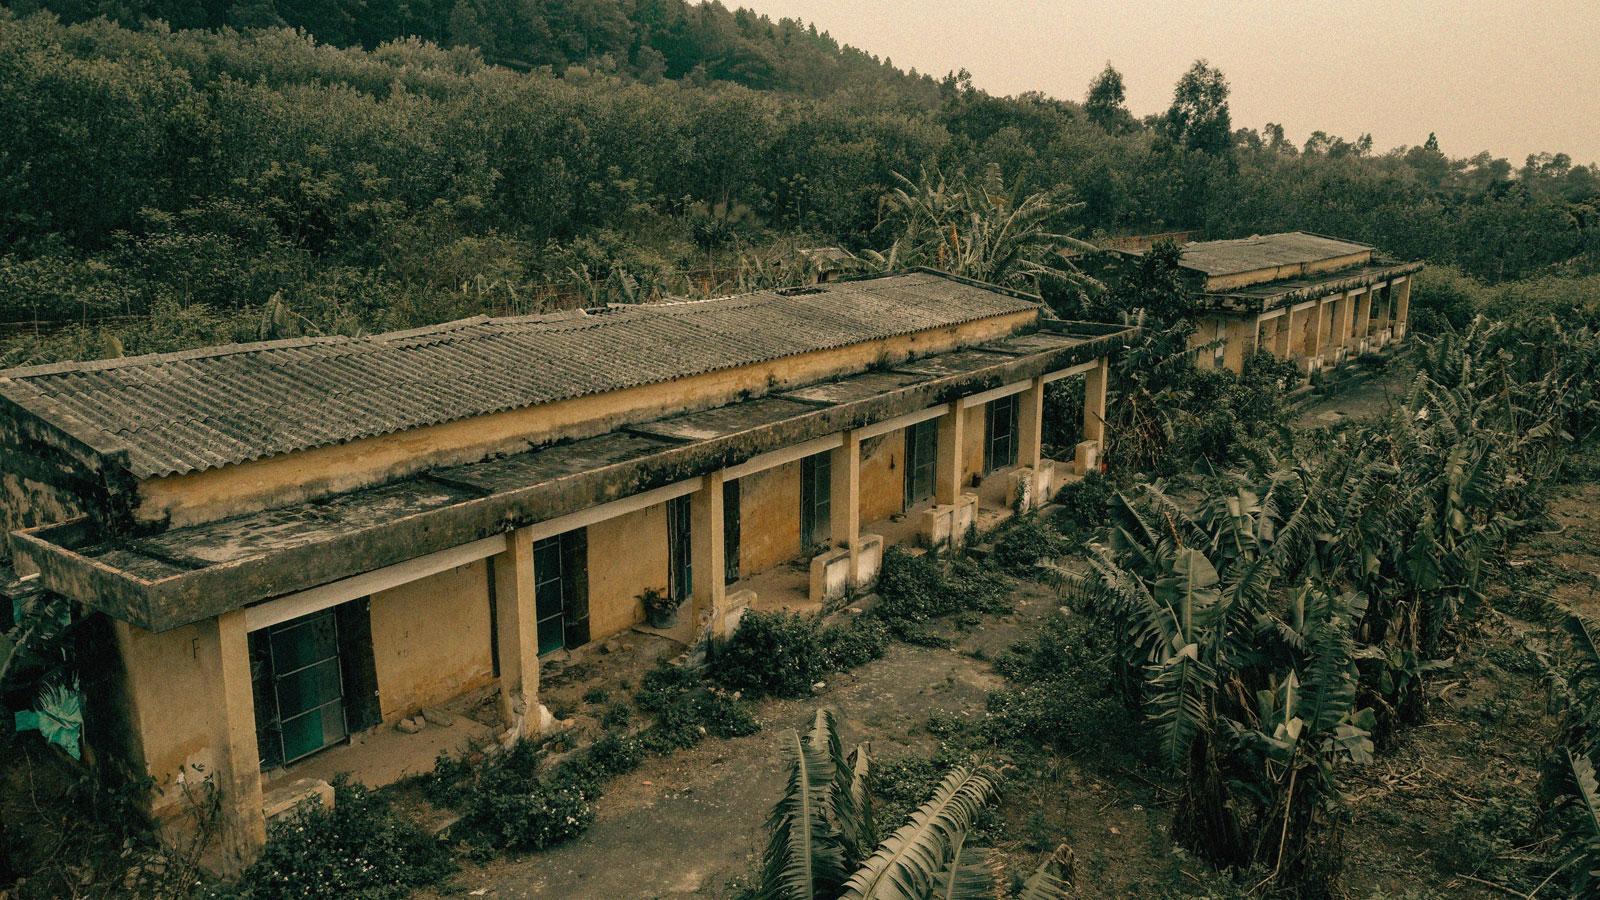 Người phụ nữ khốn khổ sống cô độc trong khu nhà bỏ hoang giữa rừng - 6